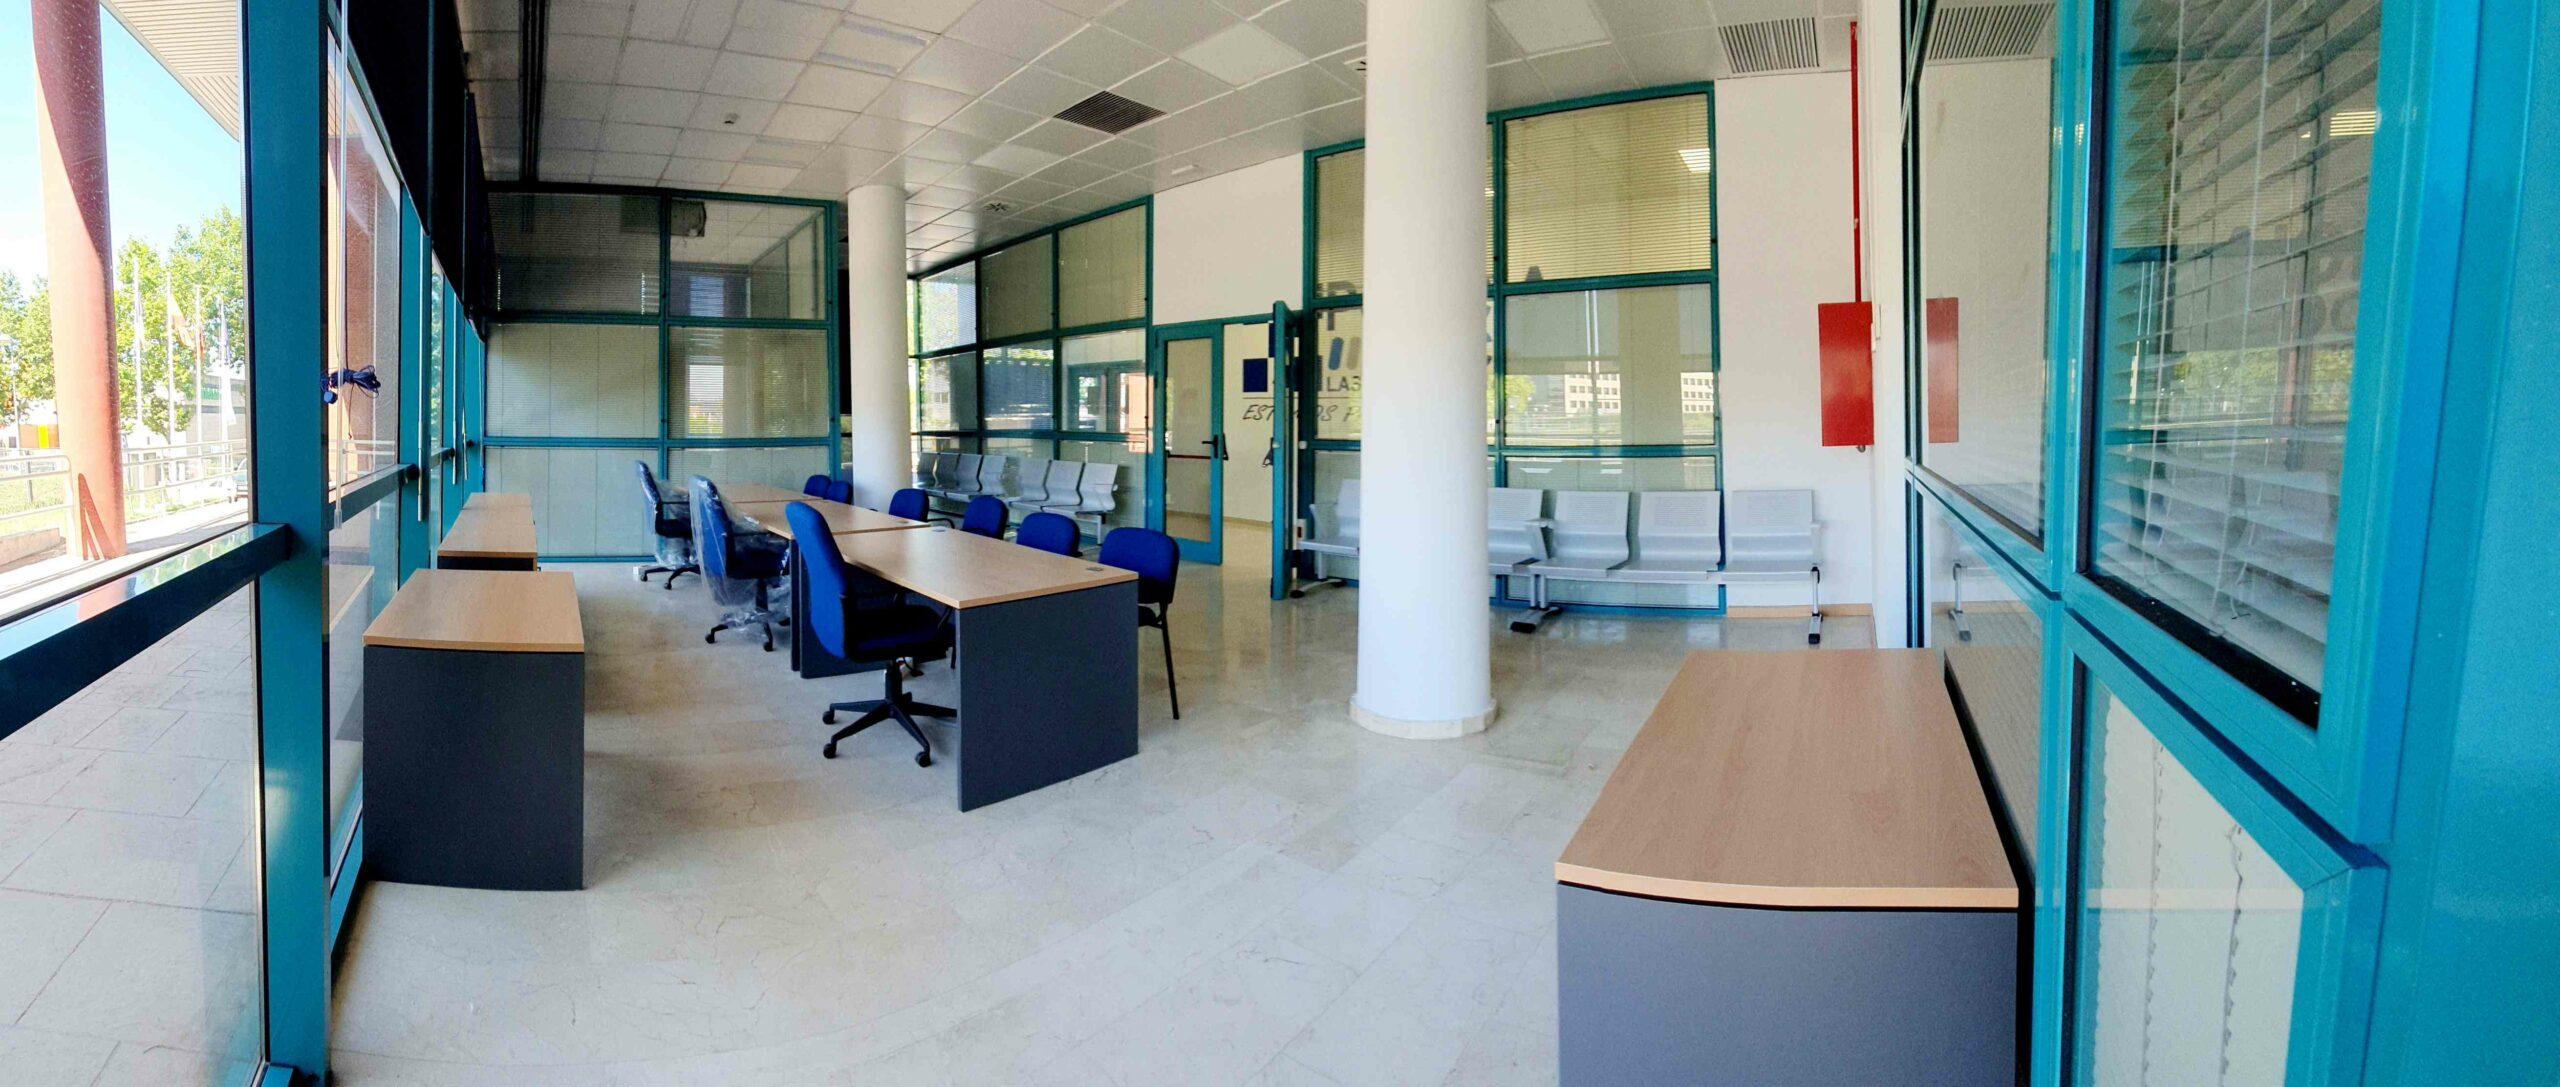 La nueva oficina del DNI de Las Rozas se ubicará dentro del edificio de la Policía Local